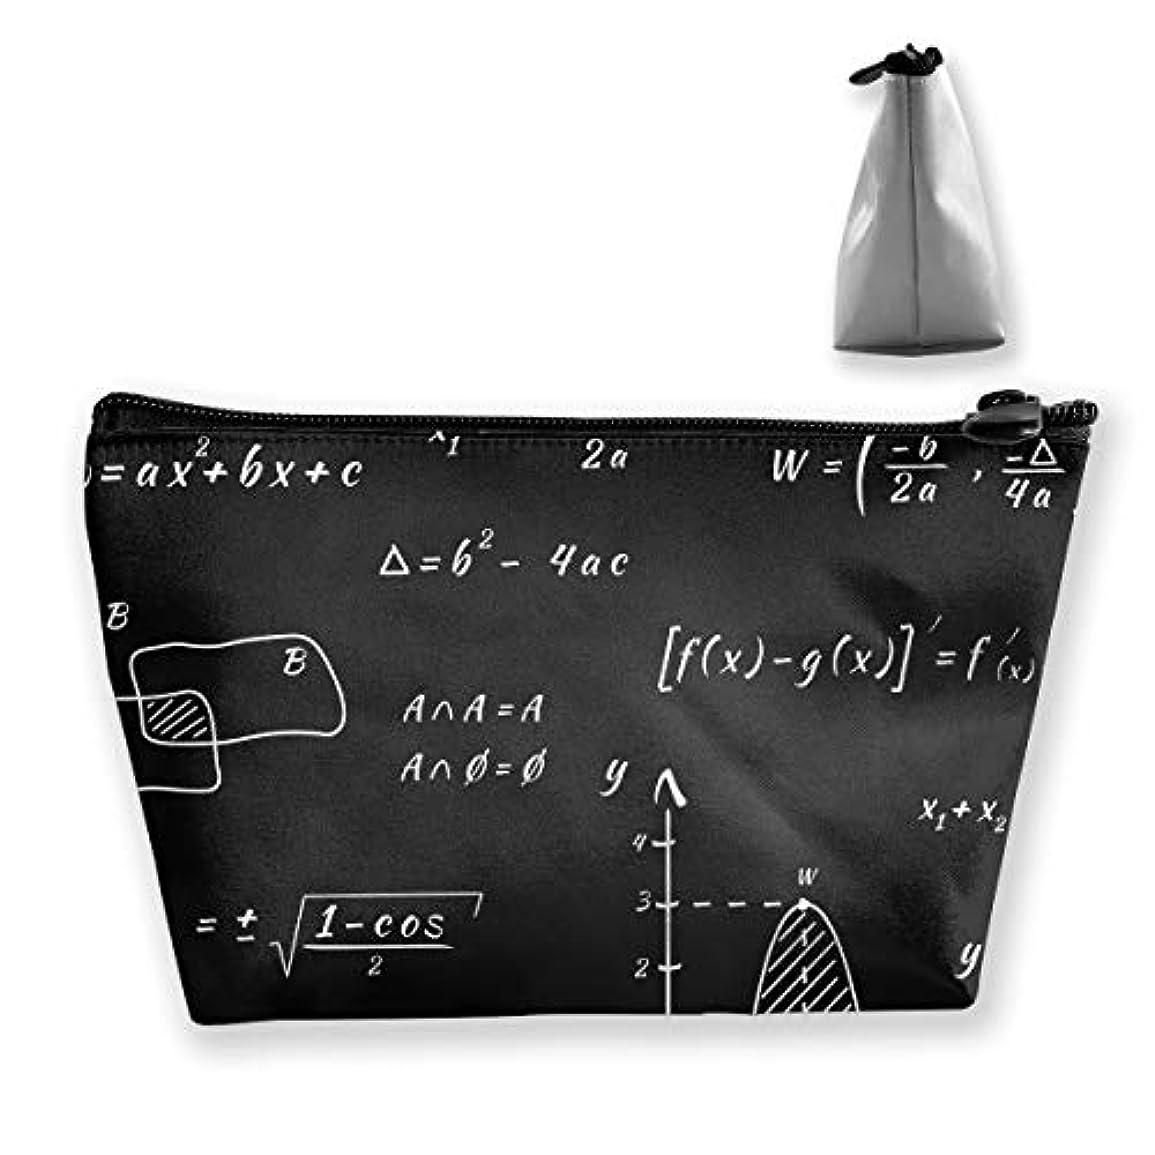 バイアス瞳代表して台形 レディース 化粧ポーチ トラベルポーチ 旅行 ハンドバッグ 数式プリント コスメ メイクポーチ コイン 鍵 小物入れ 化粧品 収納ケース